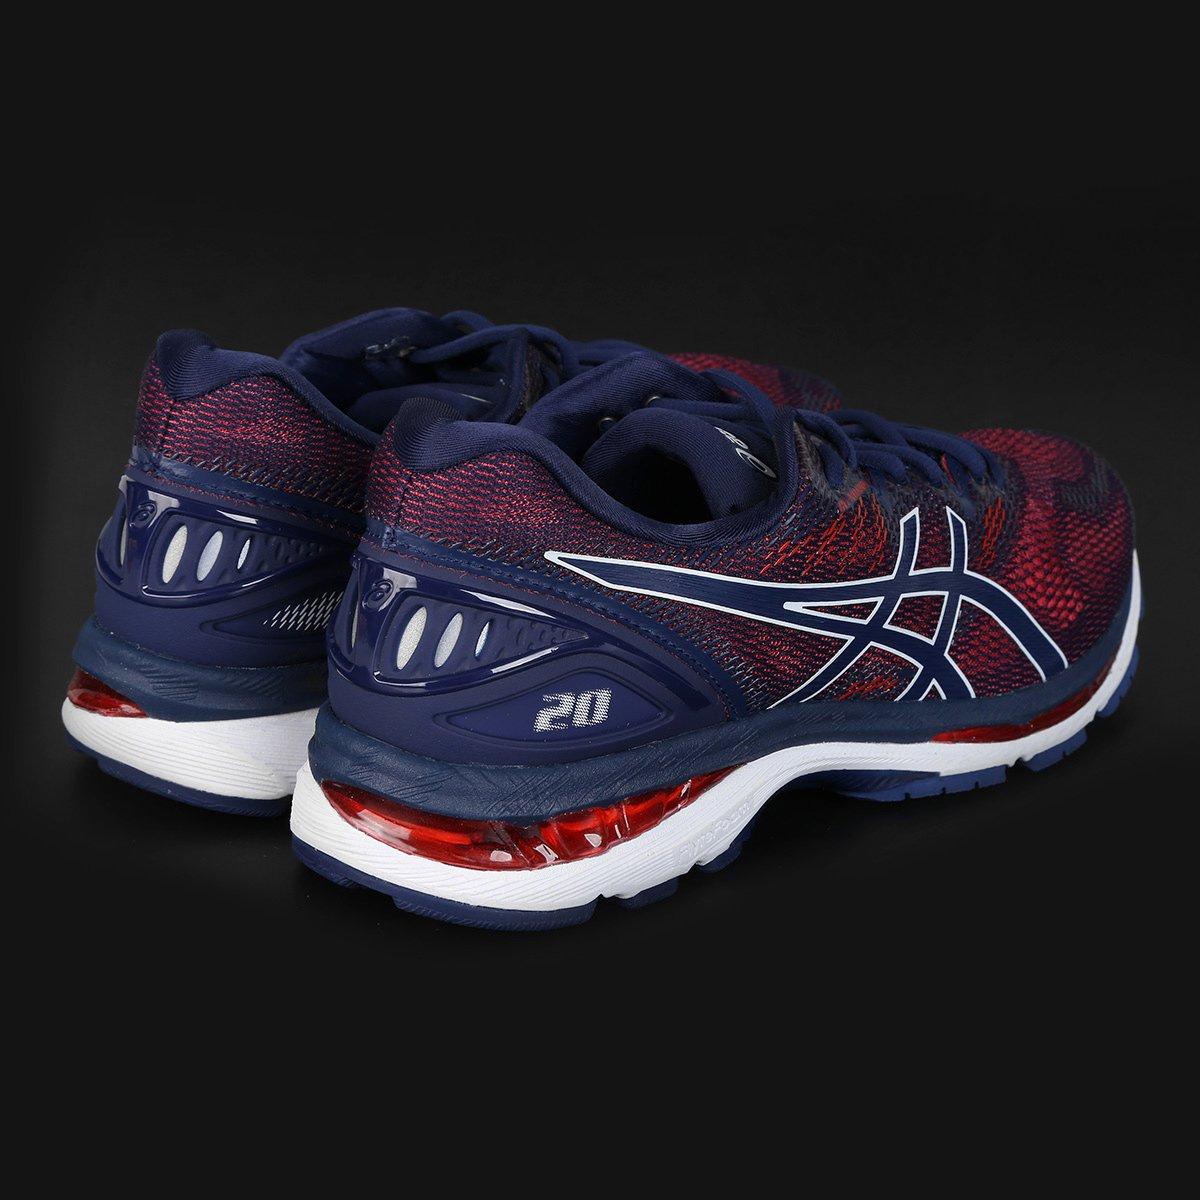 Tênis Asics Gel Nimbus 20 Masculino ... temperament shoes 0a4d9 41d99 ... 4b5a058de8fd7